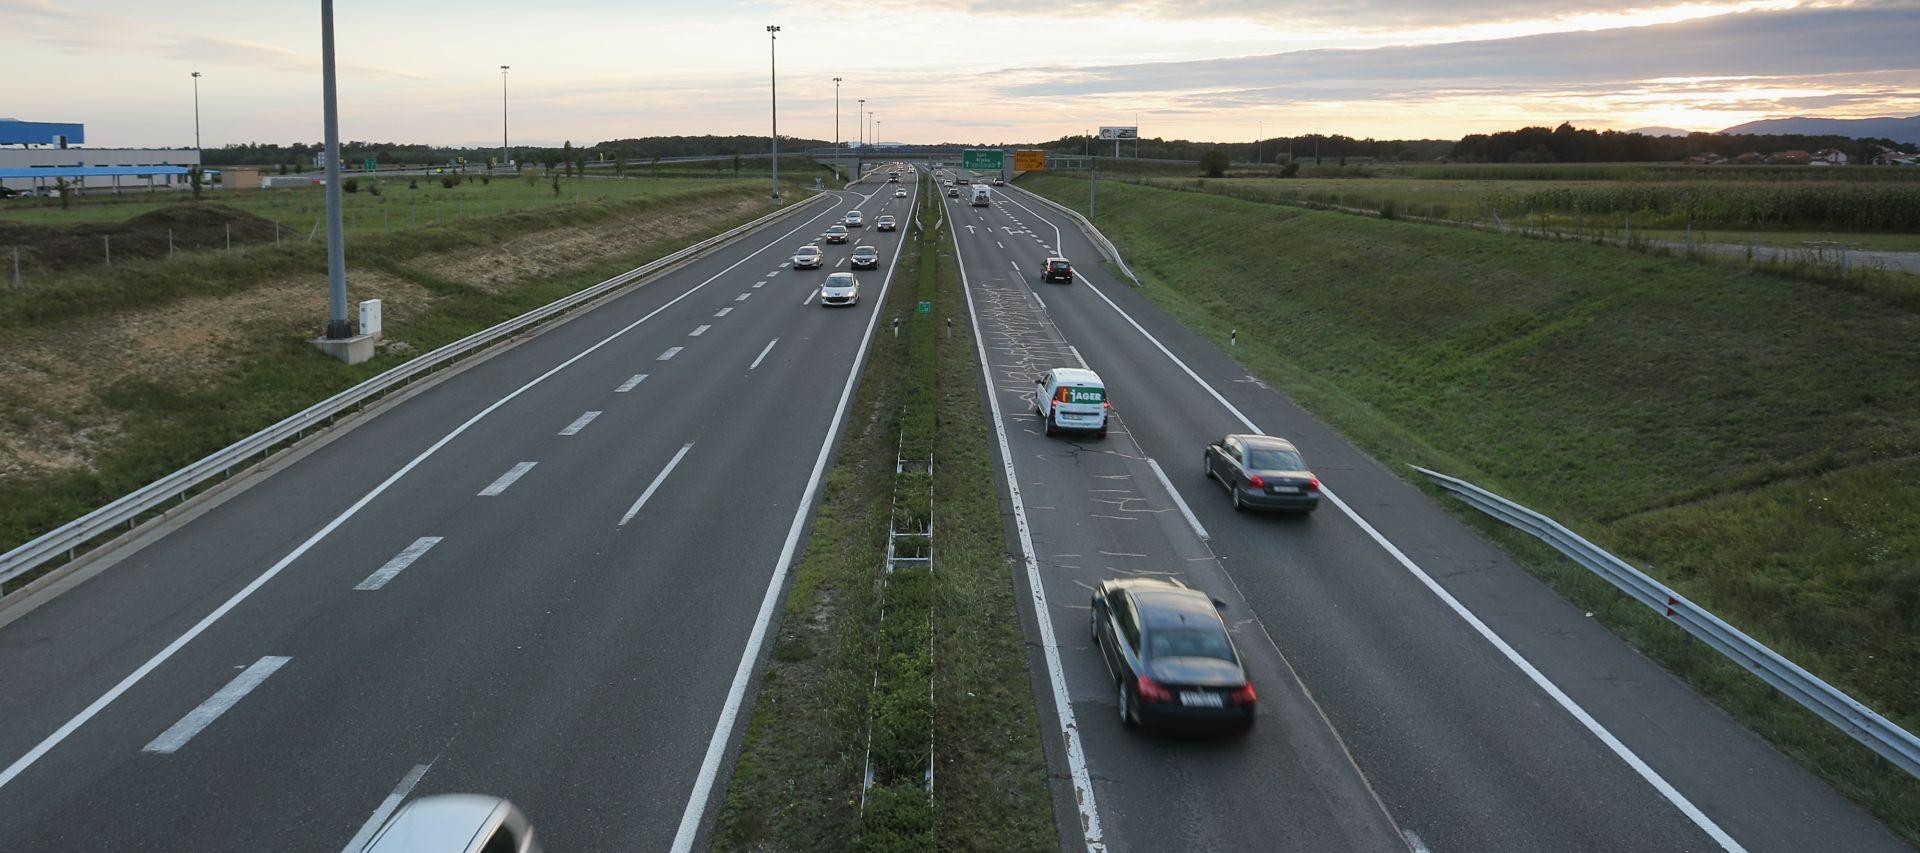 HRVATSKE AUTOCESTE: Regulacije prometa na autocestama uoči blagdana Svih svetih